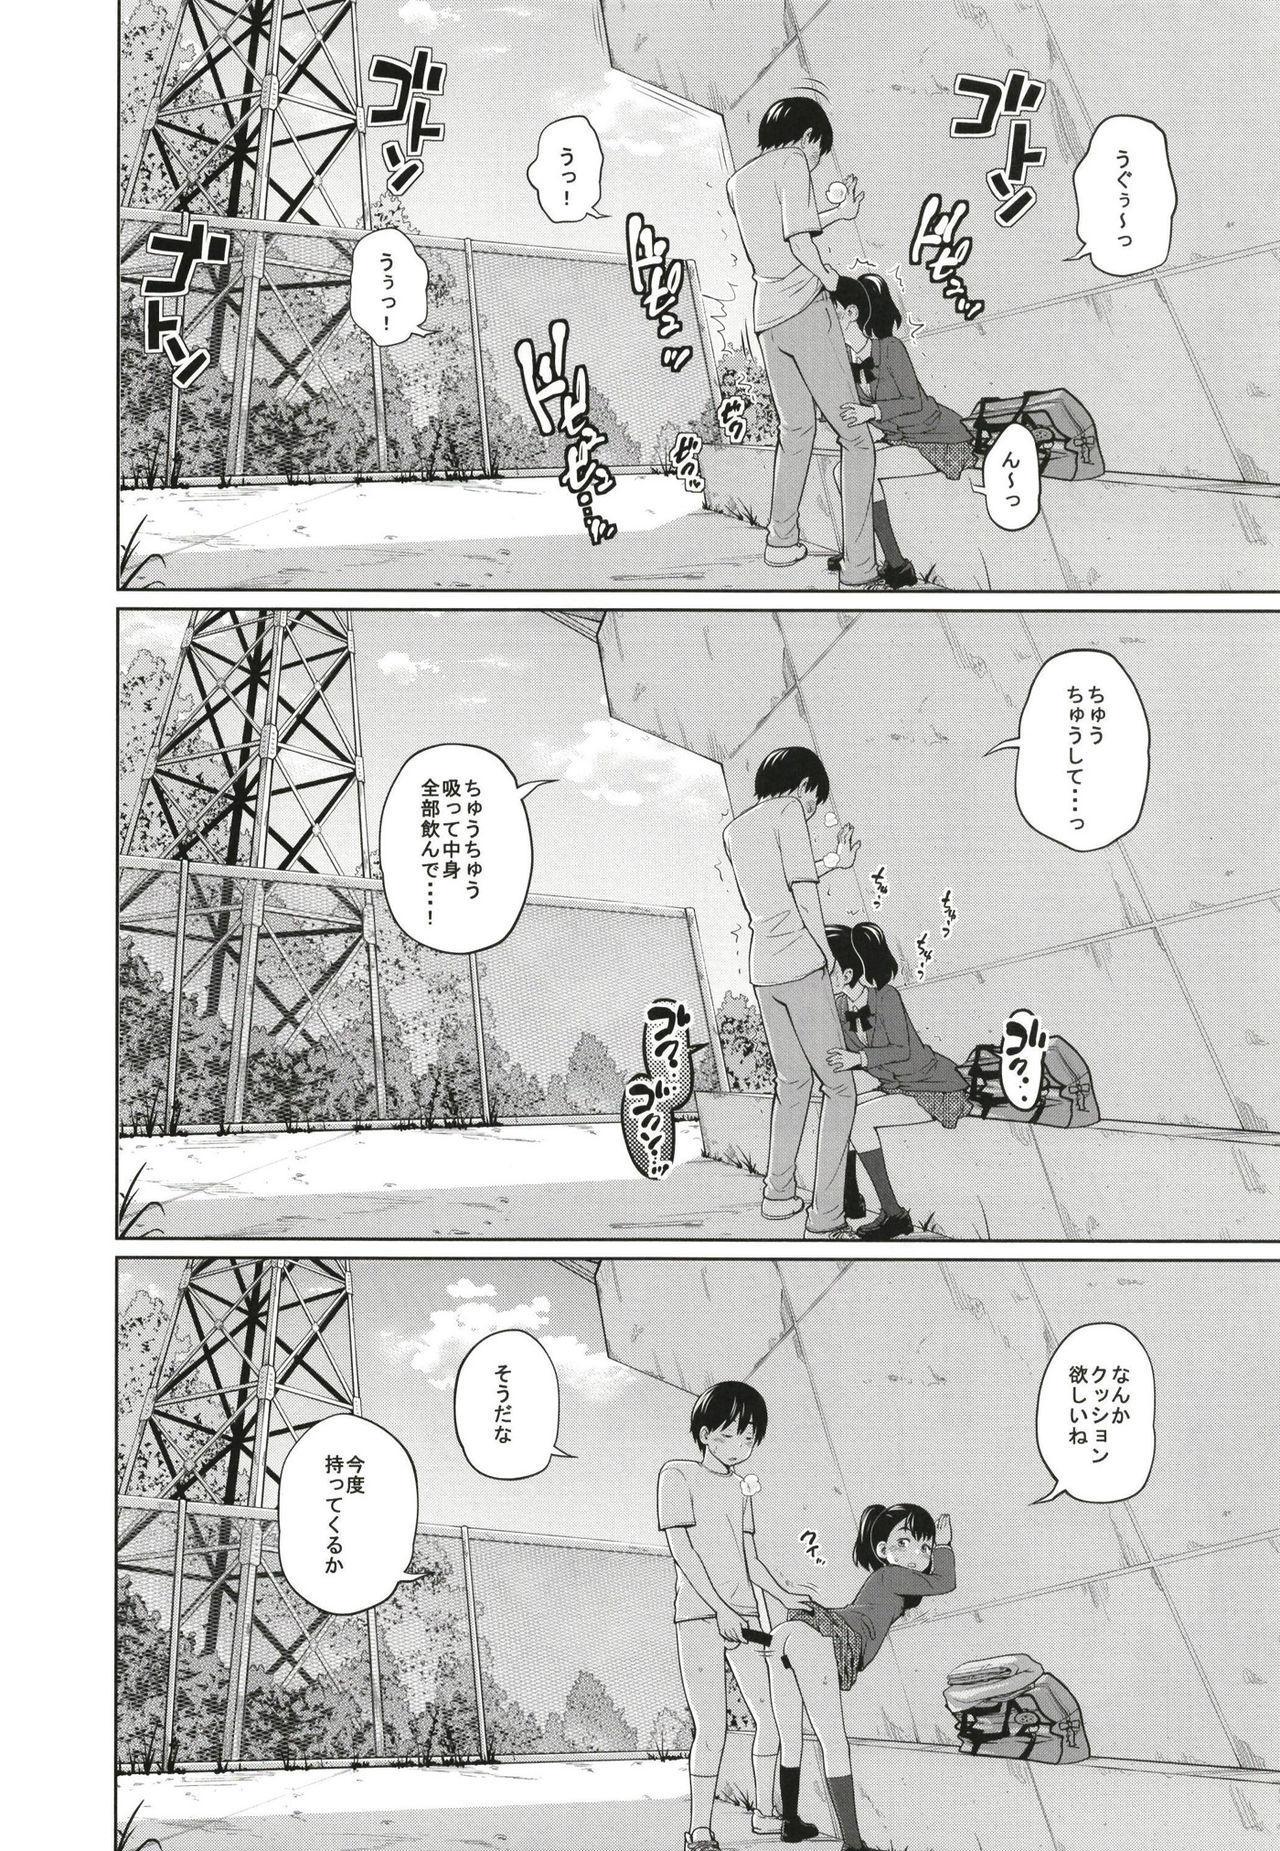 Kono Naka ni Kinshin Soukan Shiteiru Musume ga 3-nin Imasu #3 21